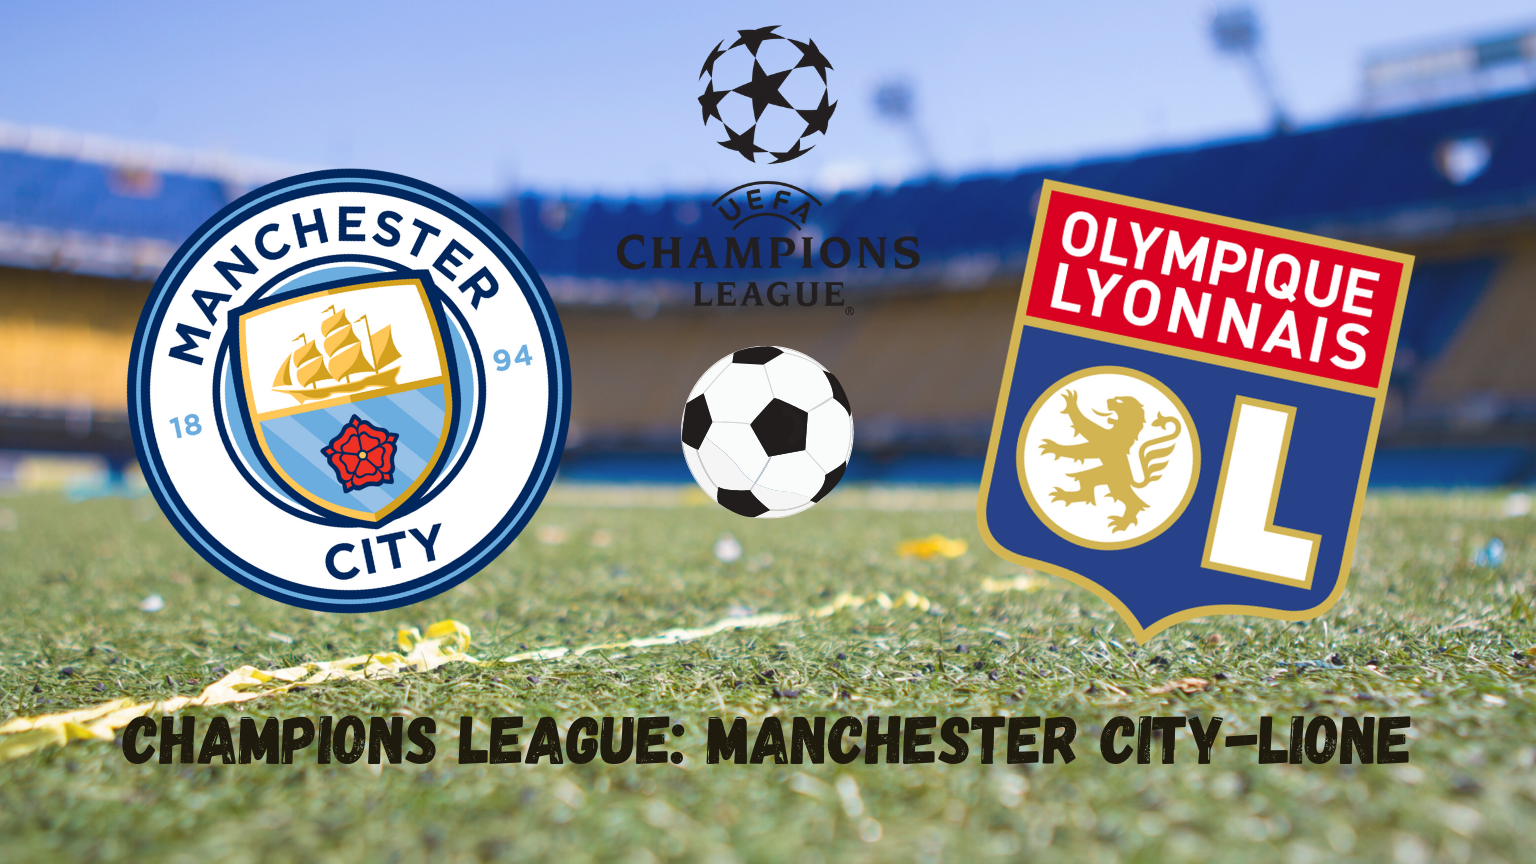 Pronostici Champions League: Manchester City-Lione